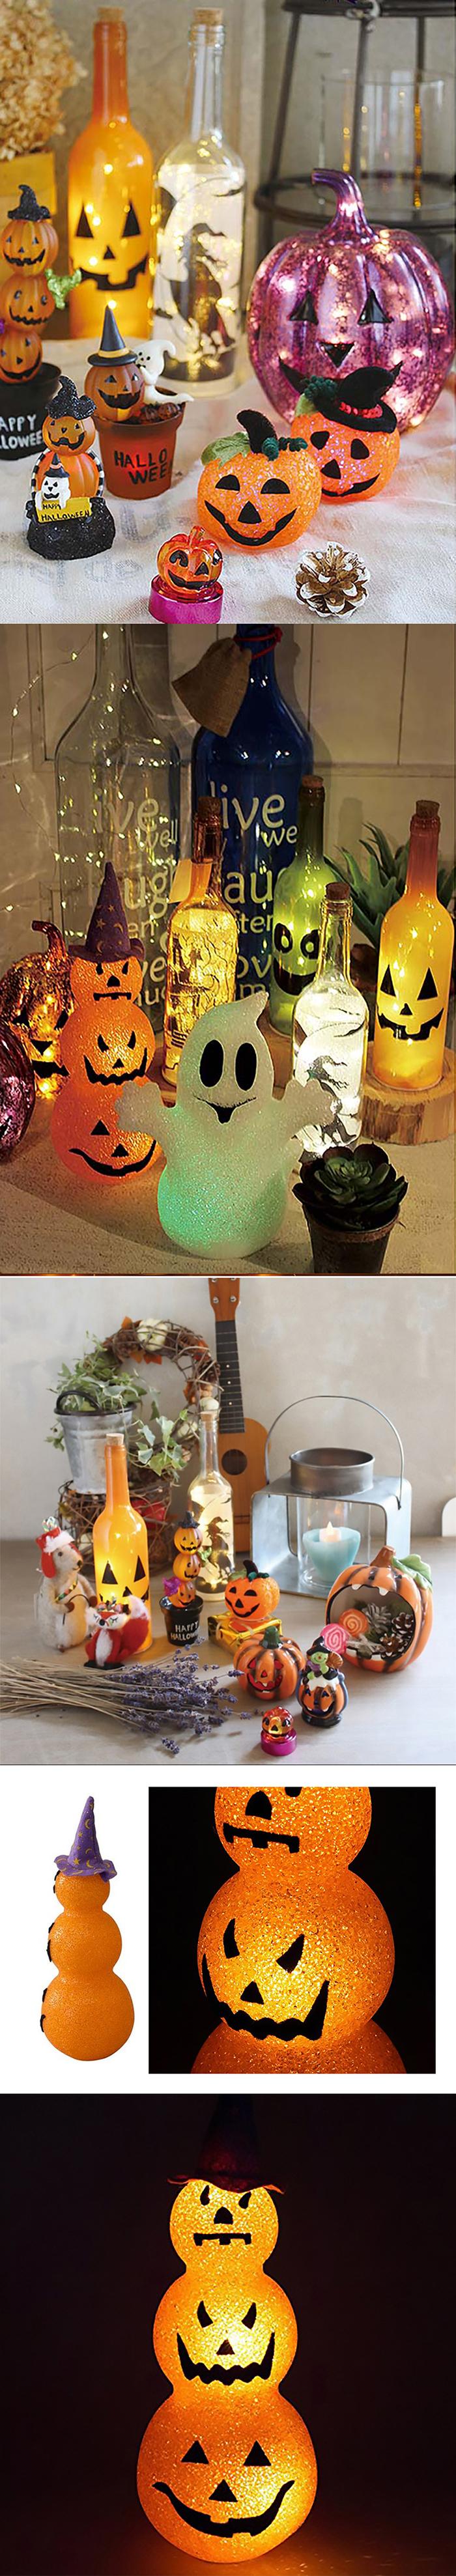 (複製)SPICE|萬聖節女巫瓶子LED燈飾(2種組)